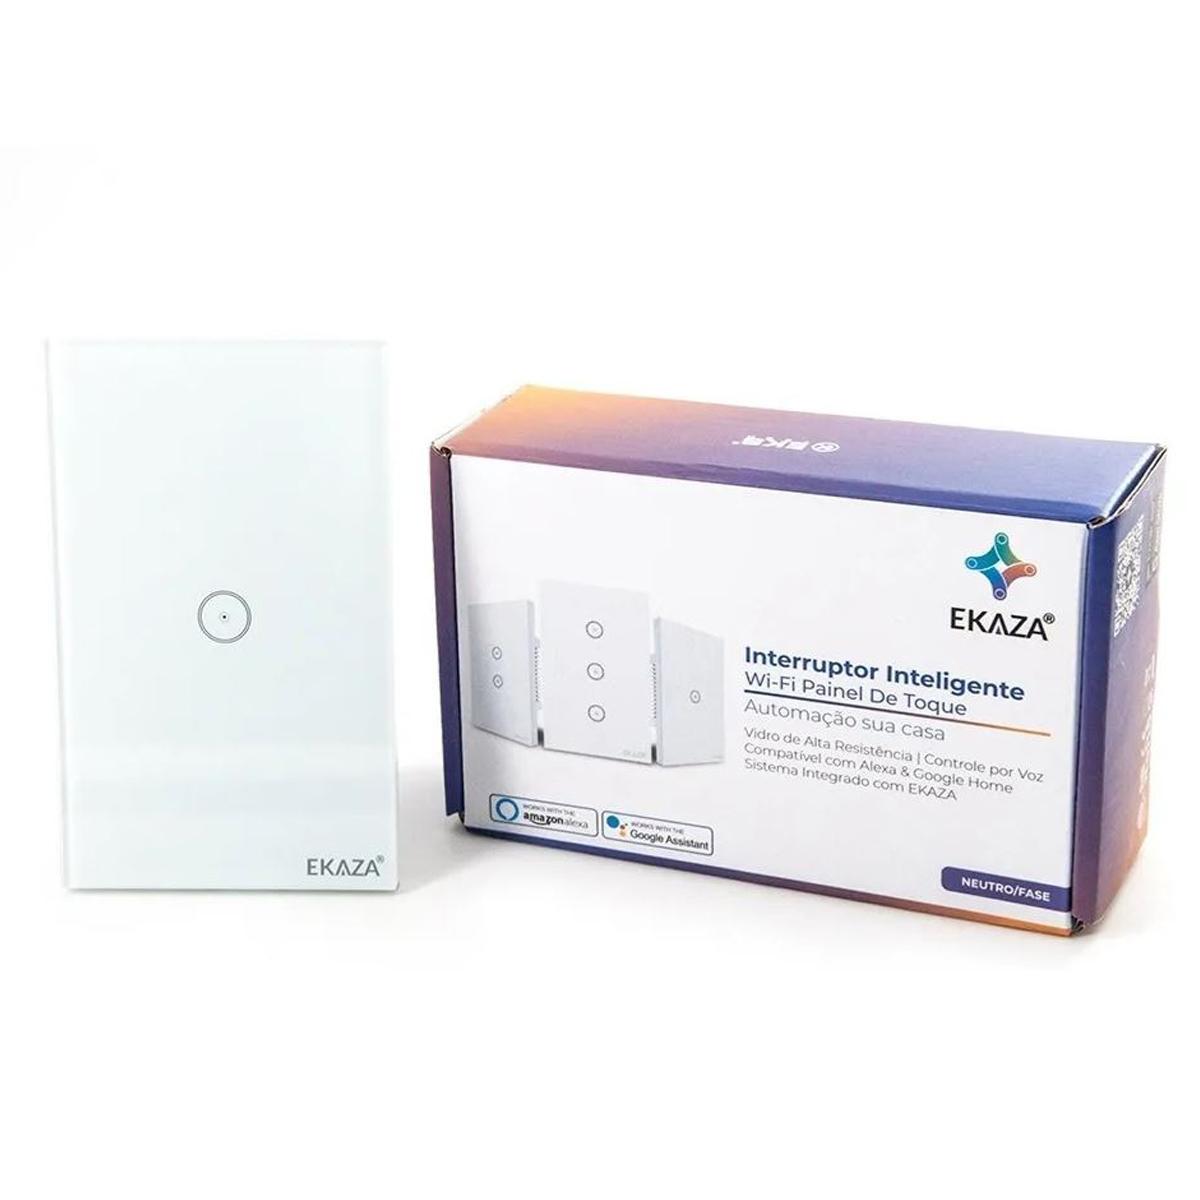 Interruptor Inteligente Ekaza Conexão Wifi C/ Painel de Toque e Comando de Voz - 01 Botão